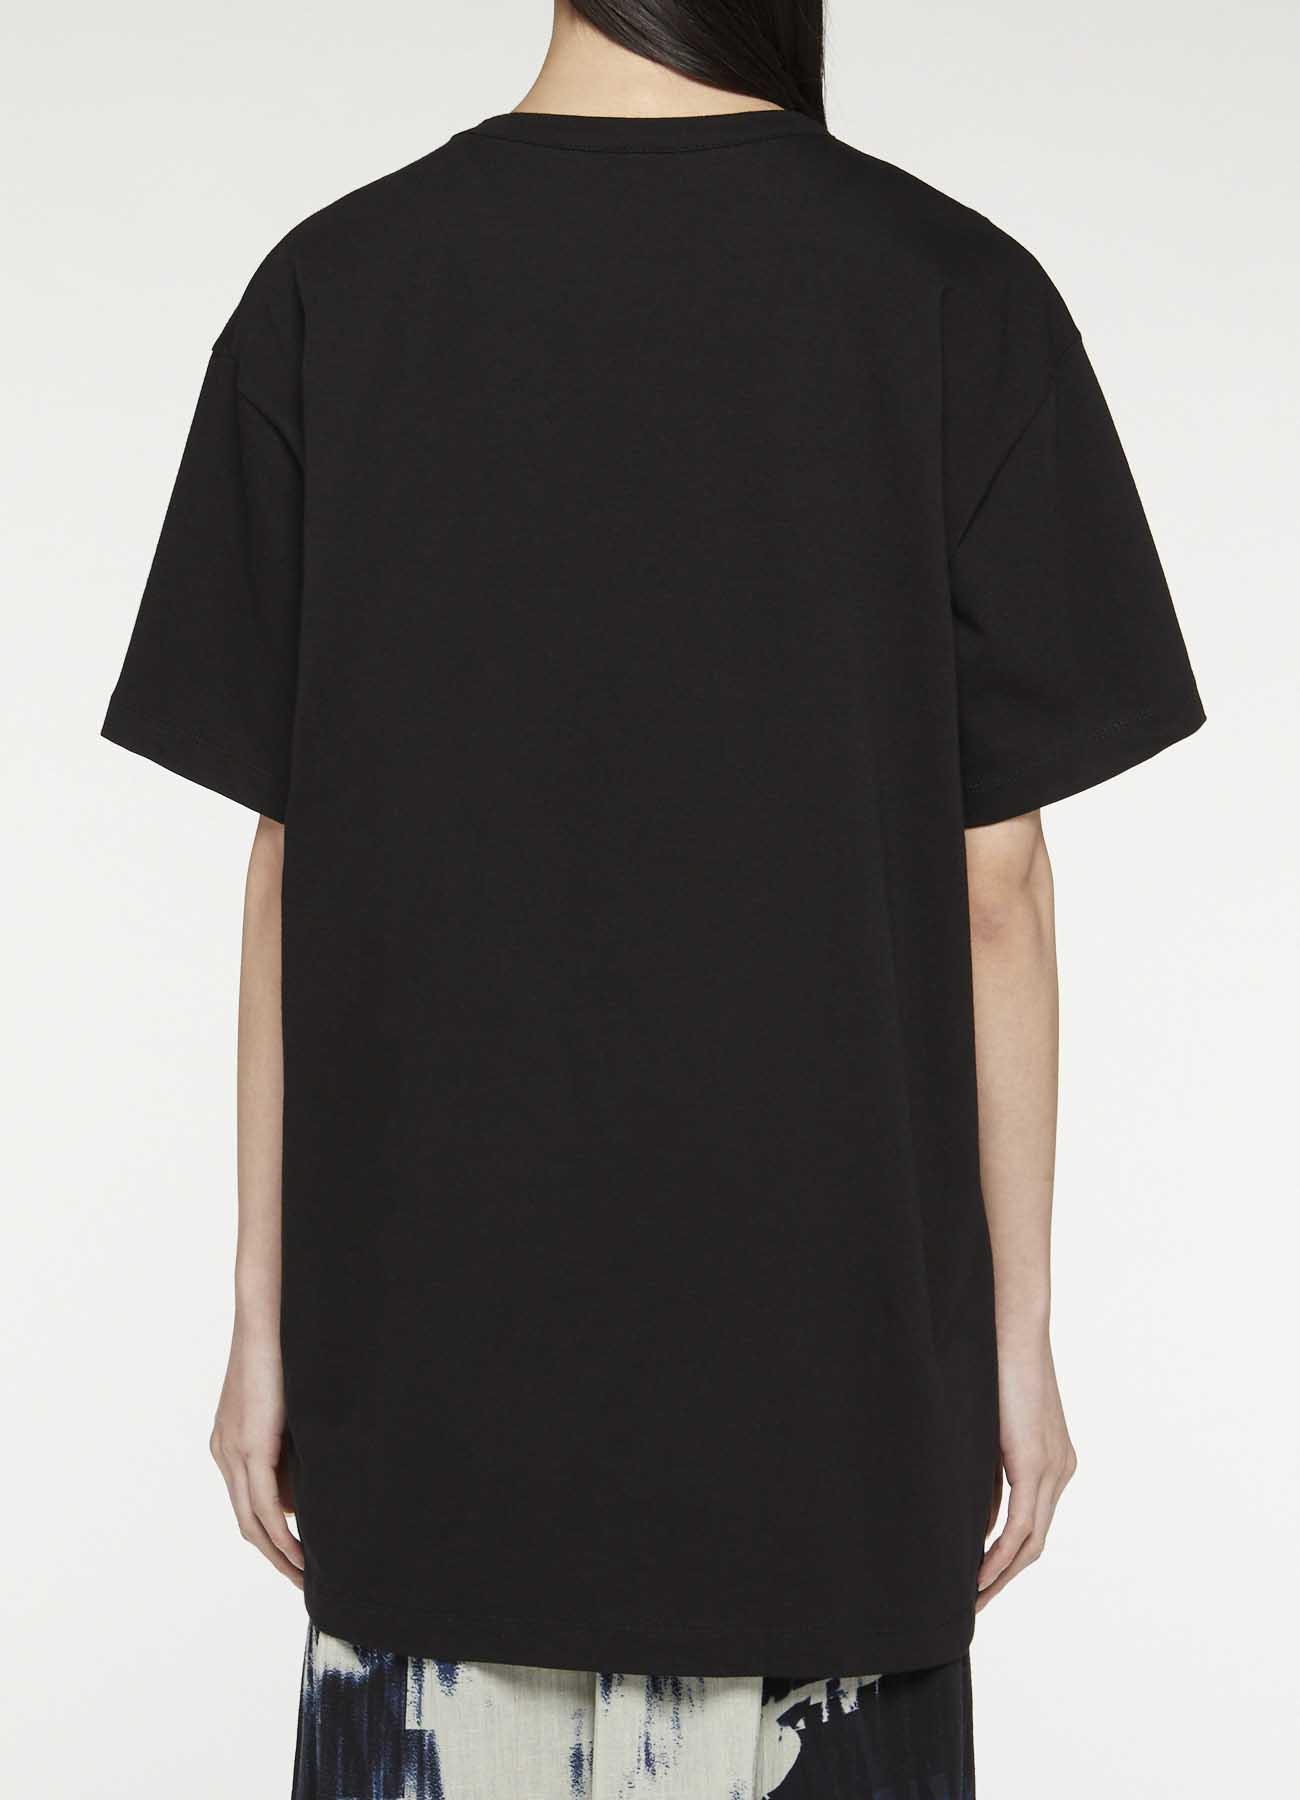 立体印花 × 刺绣 短袖T恤 · 宽松版